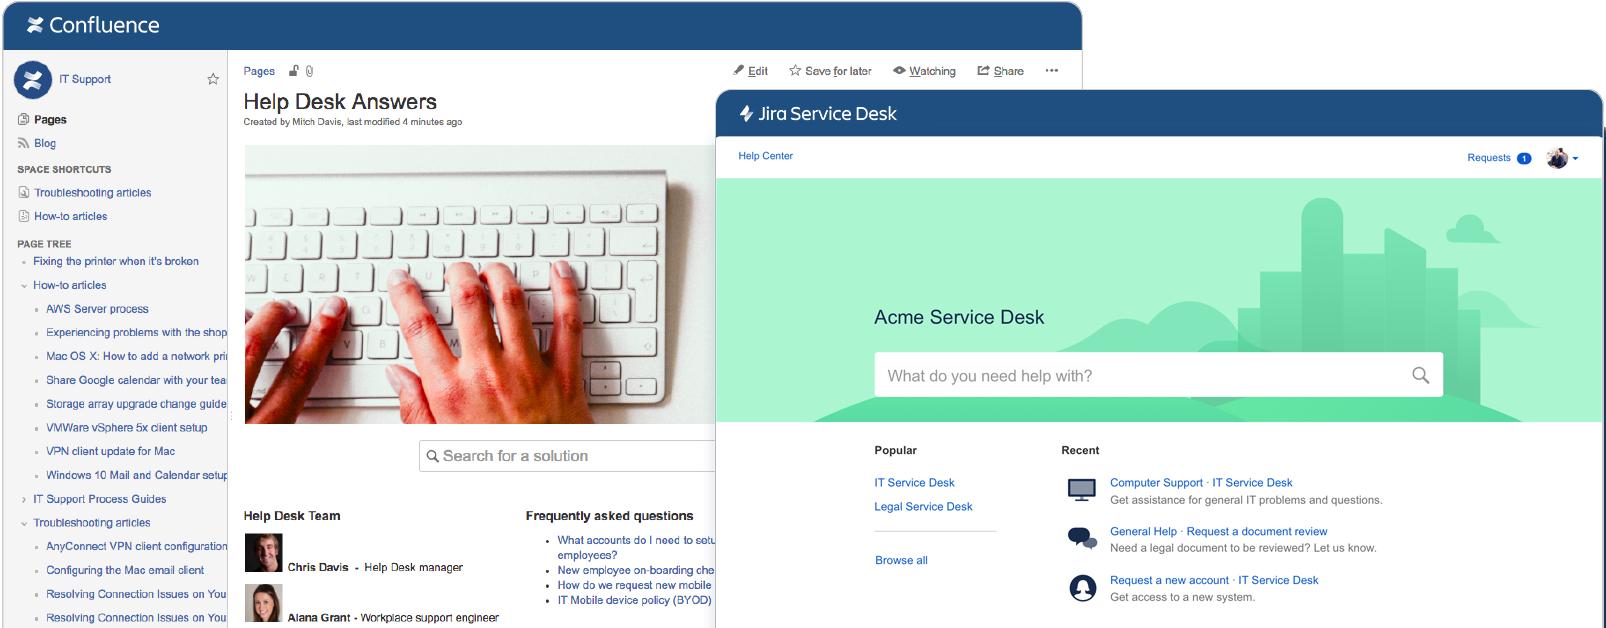 Confluence i Jira Service Desk — zrzuty ekranu